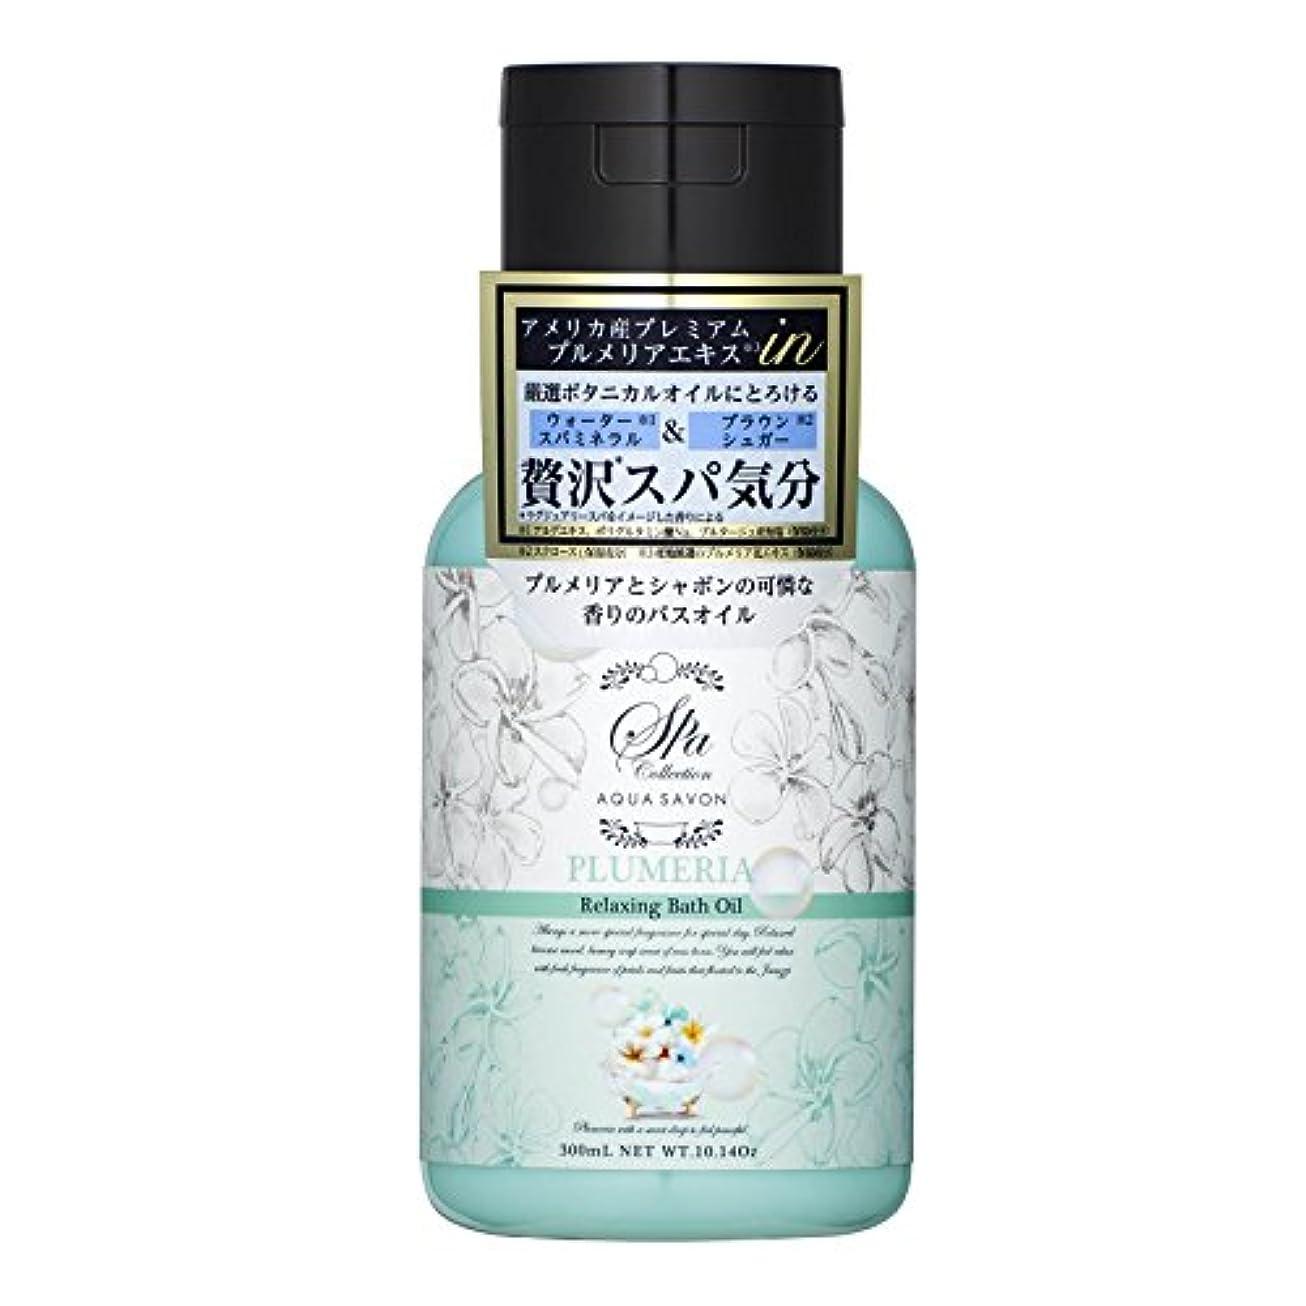 すずめノミネートスイングアクアシャボン スパコレクション リラクシングバスオイル プルメリアスパの香り 300mL